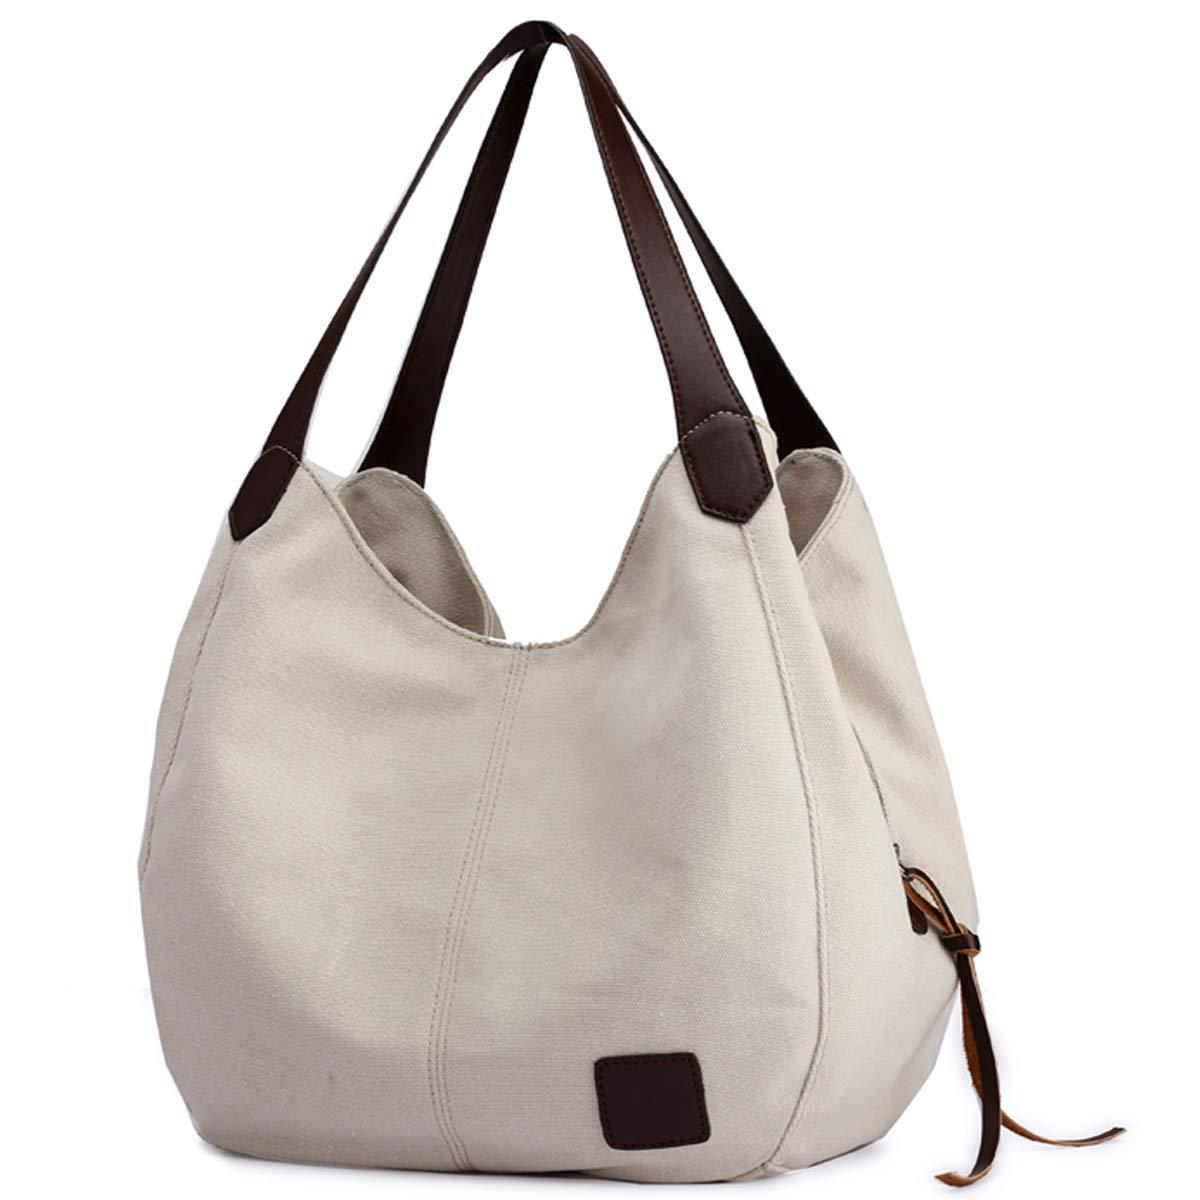 DOURR Women's Multi-pocket Shoulder Bag Fashion Cotton Canvas Handbag Tote Purse (Beige)